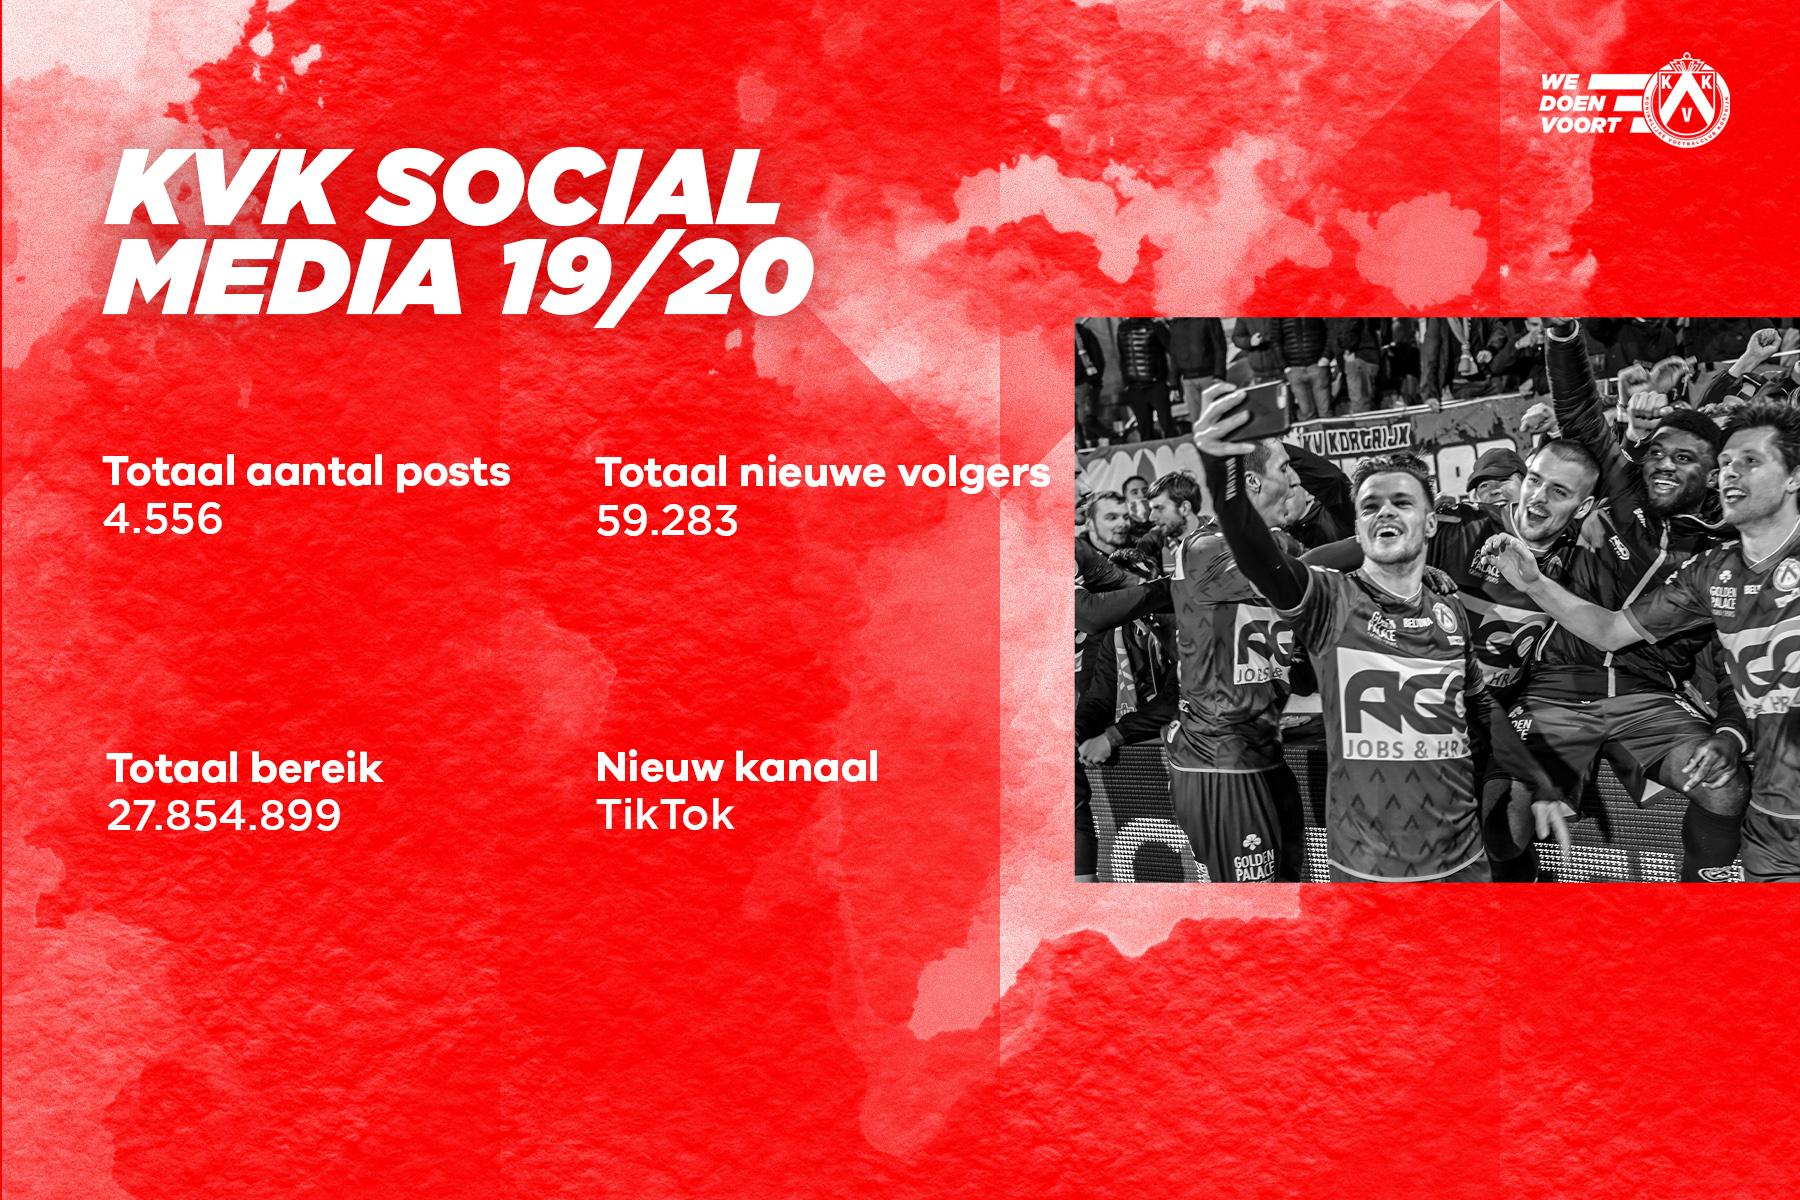 Social Media Kvk